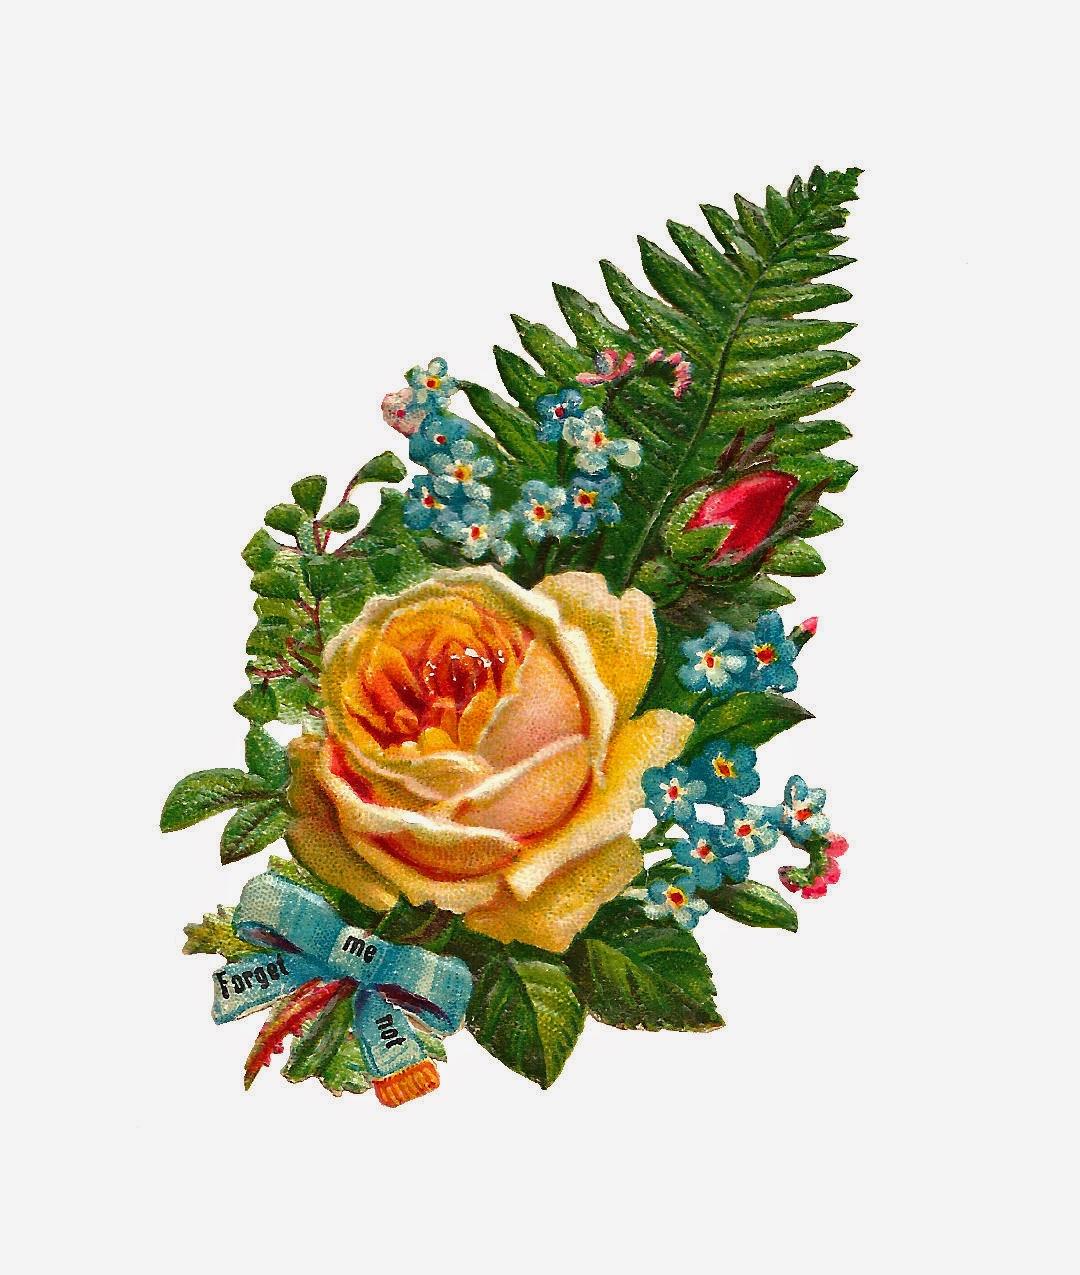 http://4.bp.blogspot.com/-EP9nZ3iXwNg/U5TXtSjO7-I/AAAAAAAAUSk/gBQEsTOyk-A/s1600/forget_me_not_scrap_yllw_rs.jpg